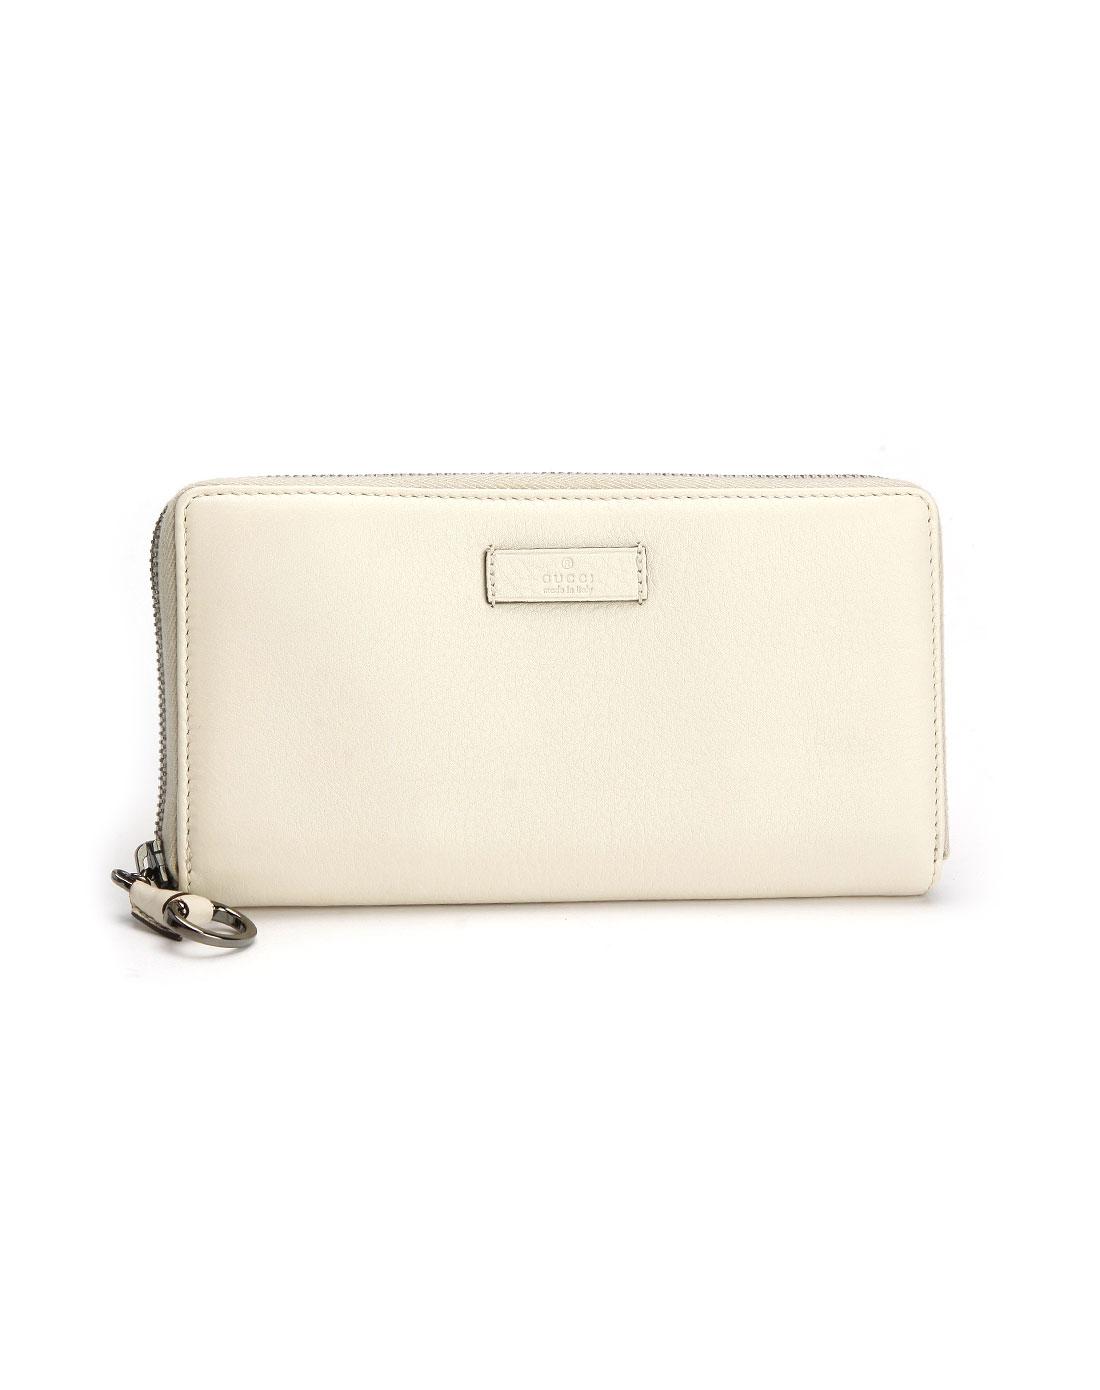 奢华包包gucci 女款白色时尚拉链钱包